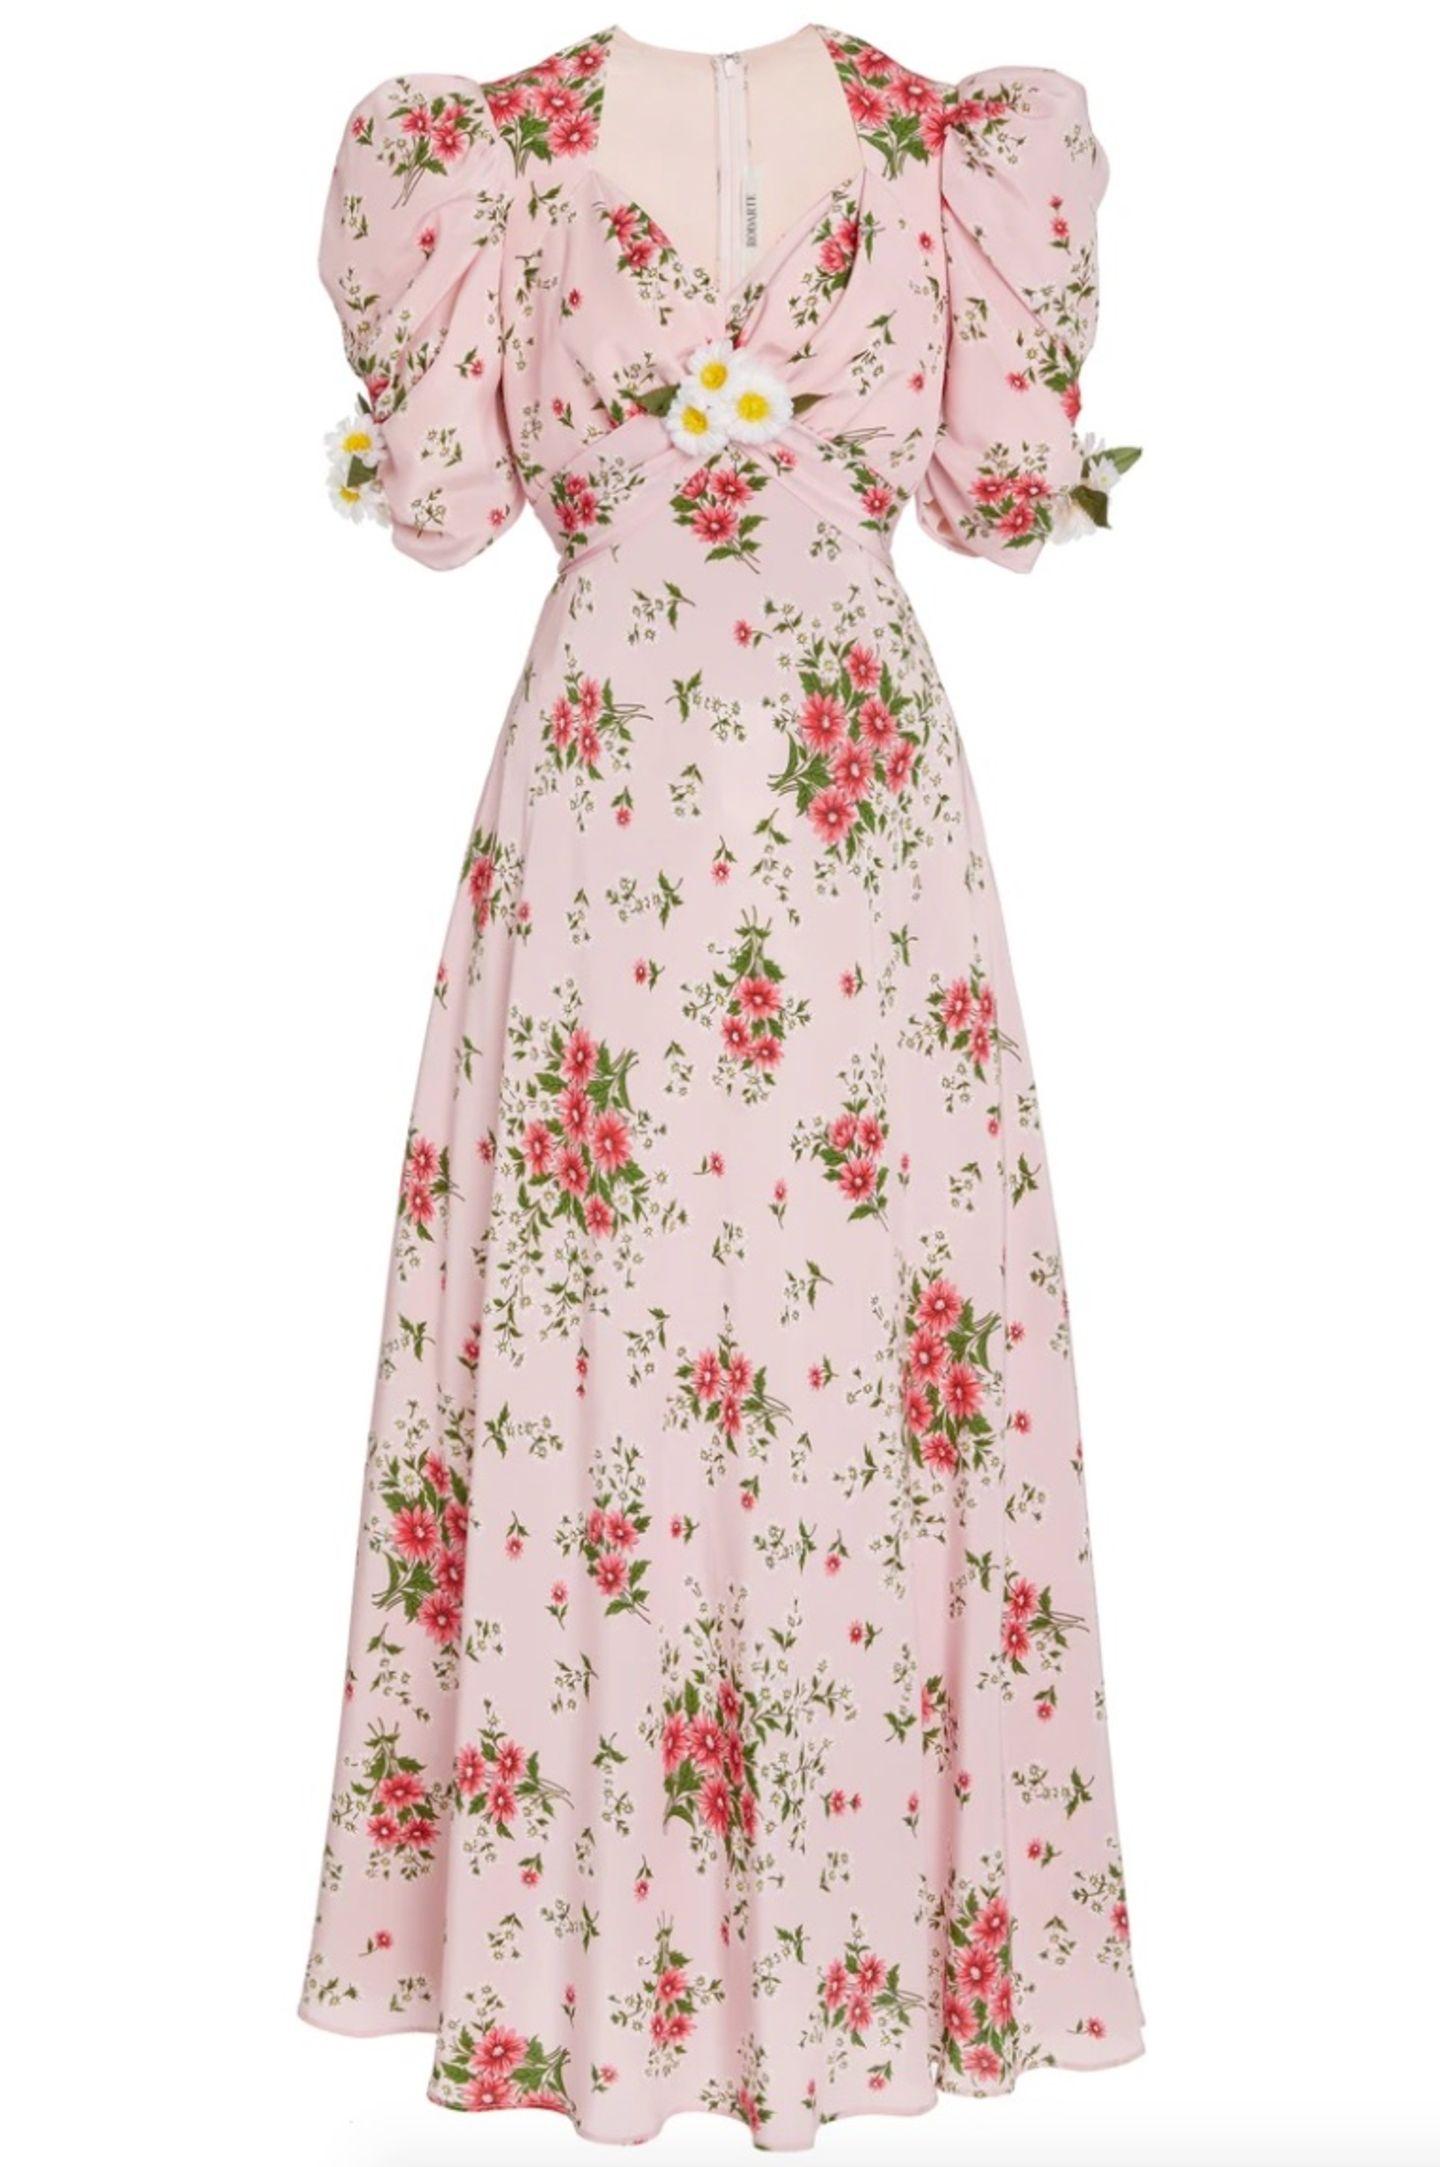 Was im Sommer keinesfalls fehlen darf? Ein fließendes Kleid mit Blumen-Muster und wahlweise Puffärmeln. Ein Modell rangiert in der Kategorie Flower-Dress ganz weit oben: Das Seidenkleid von Rodarte besticht durch einen V-Ausschnitt und Gänseblümchen-Applikationen, kostet ca. 2.200 Euro.